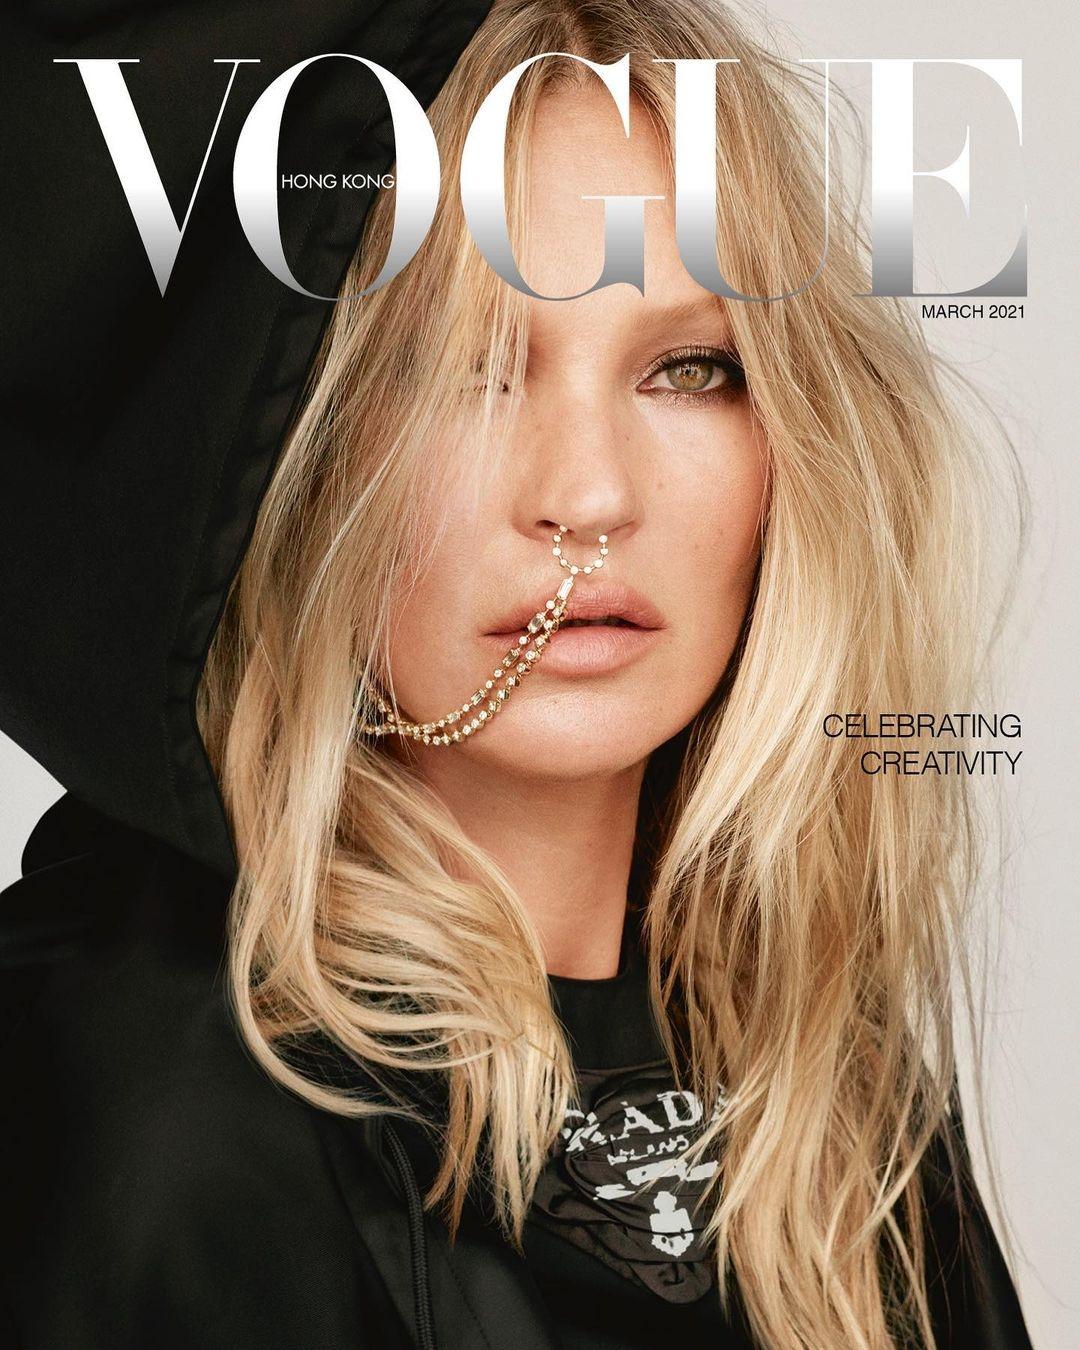 Кейт Мосс снялась для Vogue и поразила поклонников неувядающей красотой (ФОТО) - фото №3